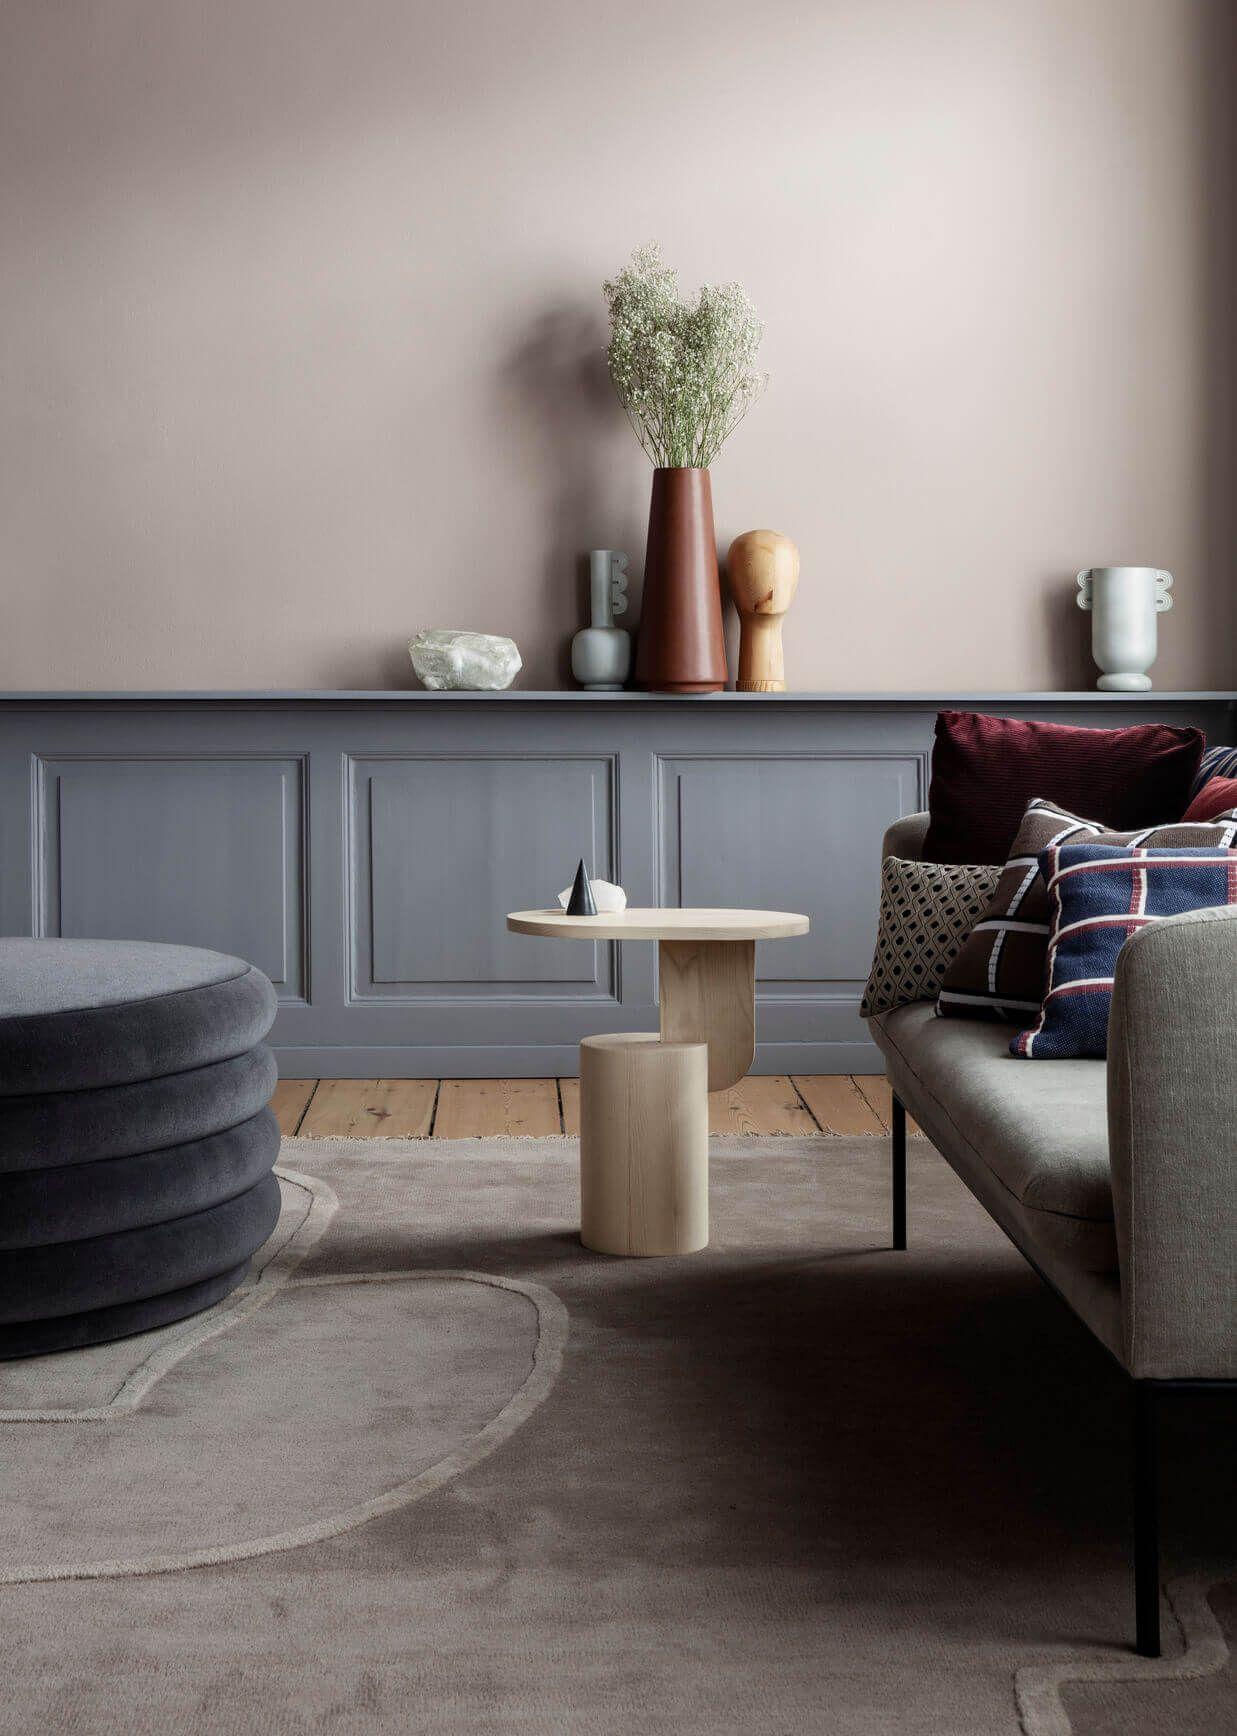 The Home, la collection hiver 2018 par Ferm LIVING | Décoration ...